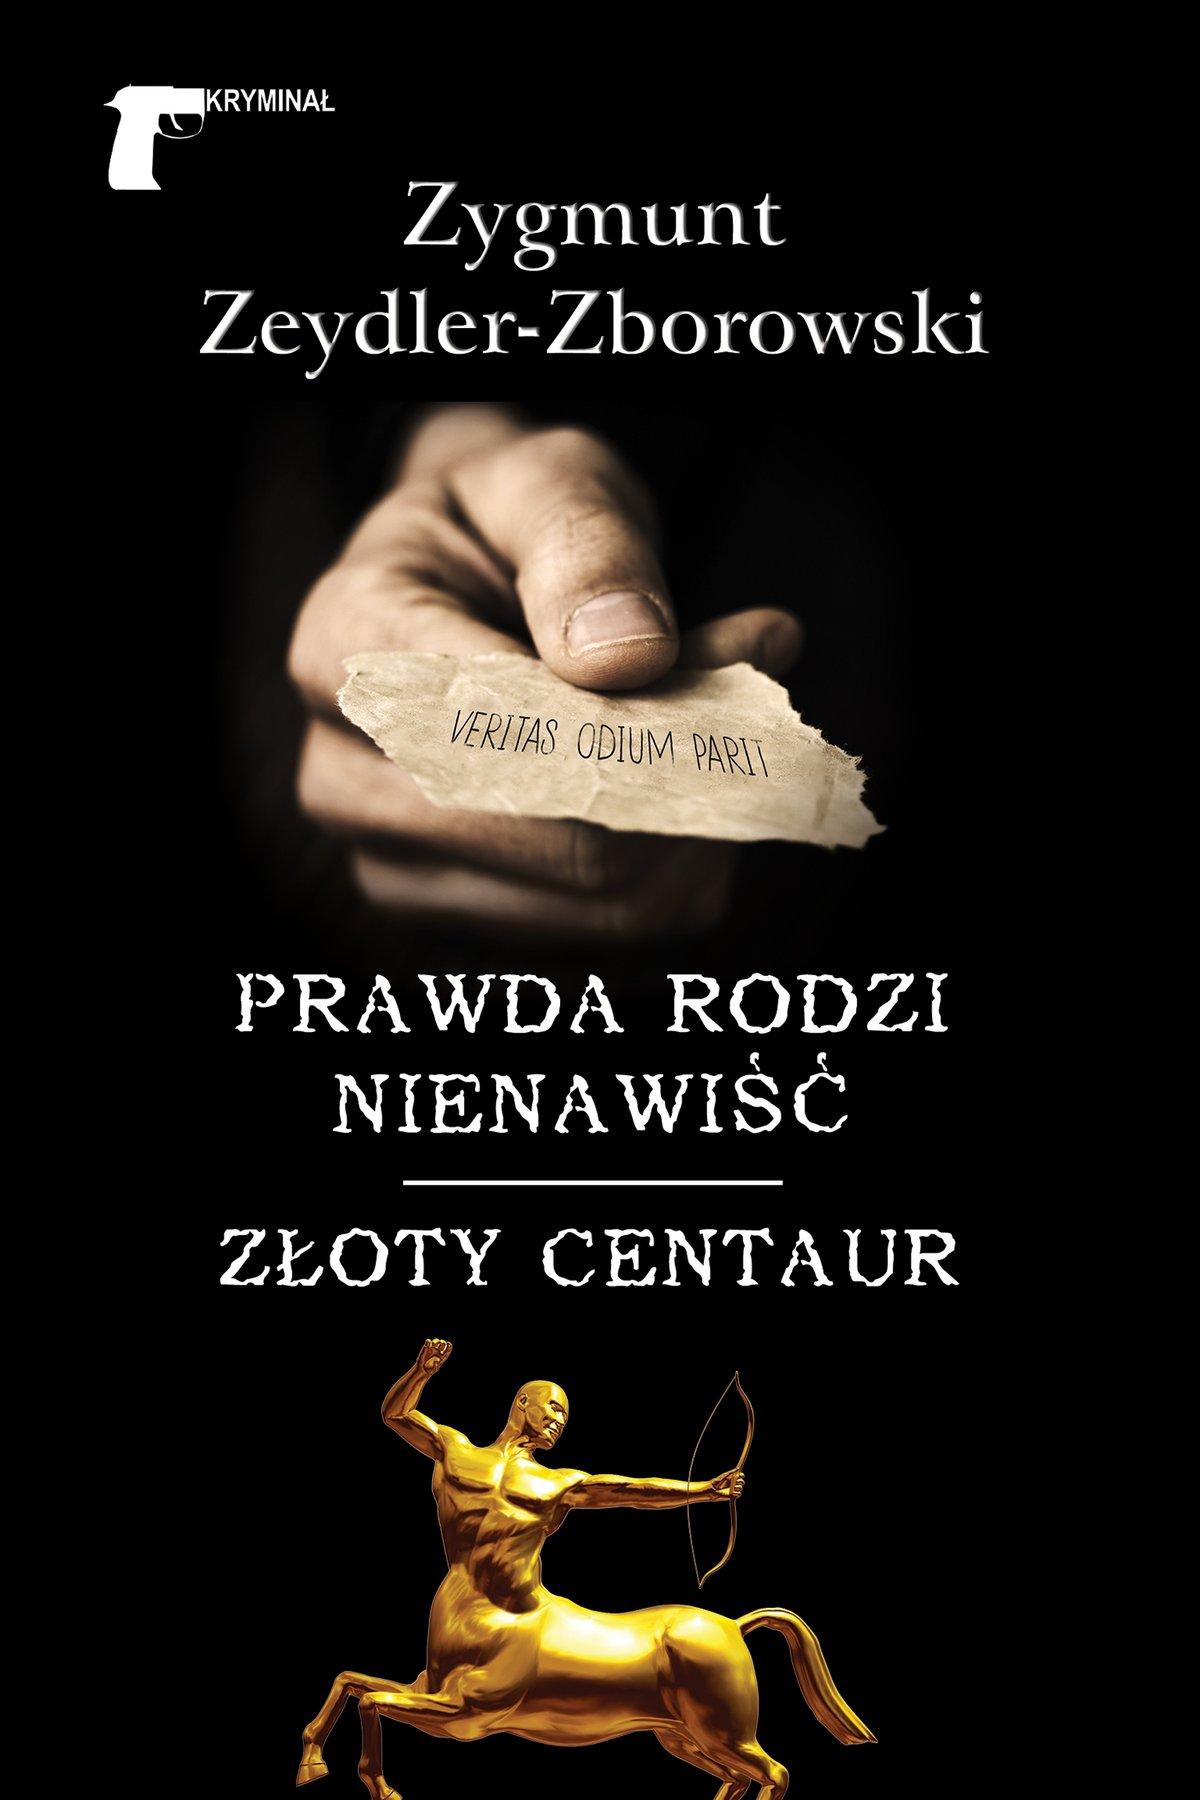 Prawda rodzi nienawiść / Złoty centaur - Ebook (Książka na Kindle) do pobrania w formacie MOBI